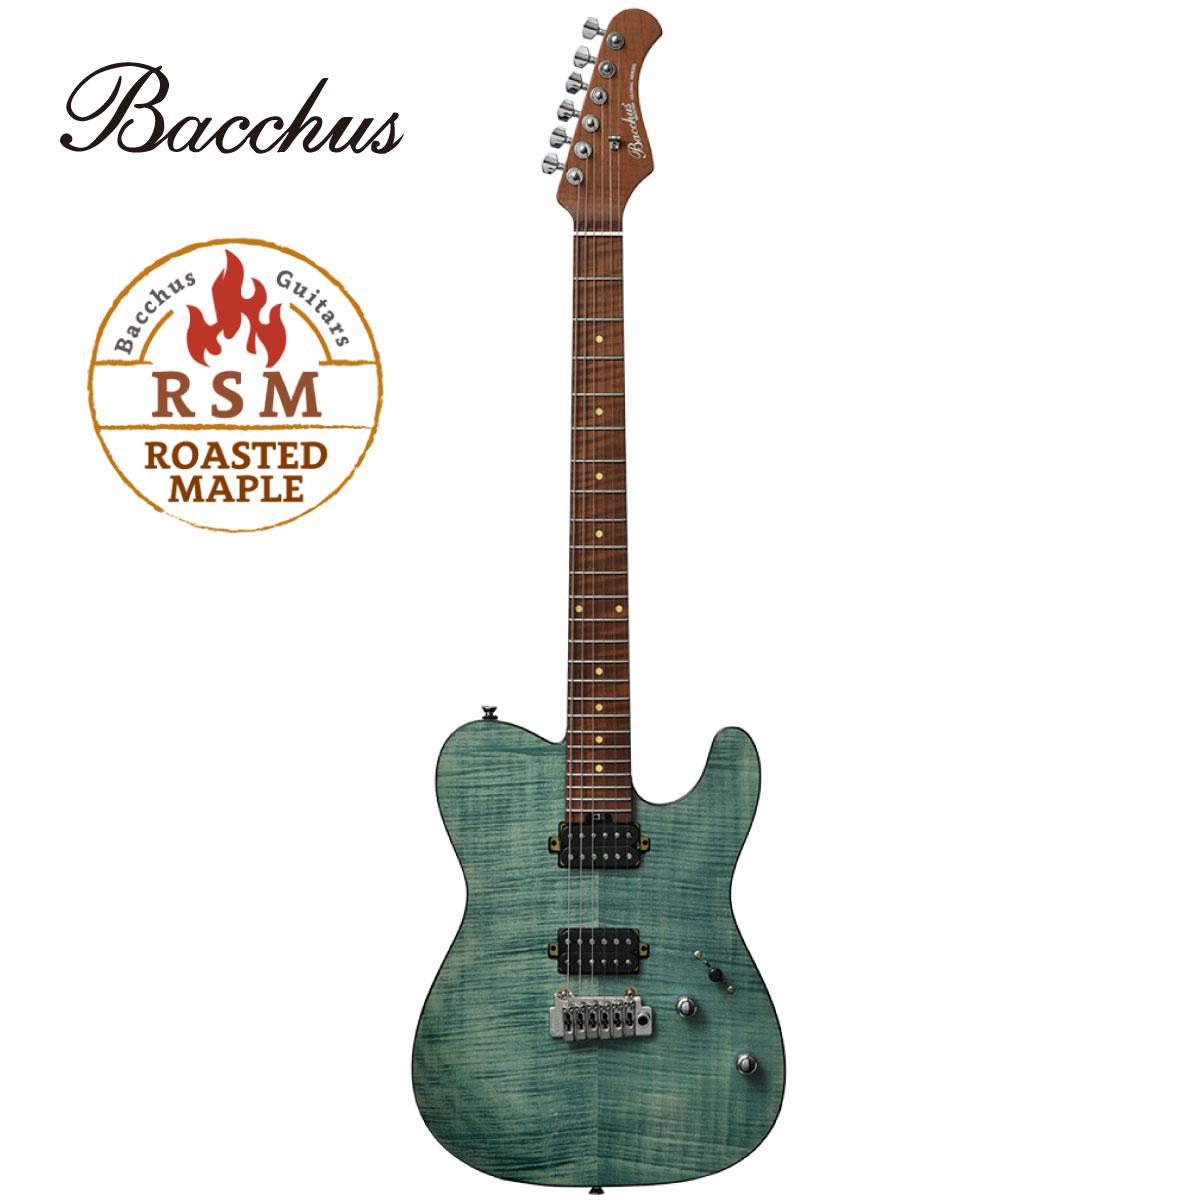 次回入荷分 予約受付中 Bacchus Global Series TACTICS24-FM RSM -ST-SFG- 新品 緑 グリーン Guitar ギター オープニング 大放出セール お買い得 Green バッカス Telecaster テレキャスター